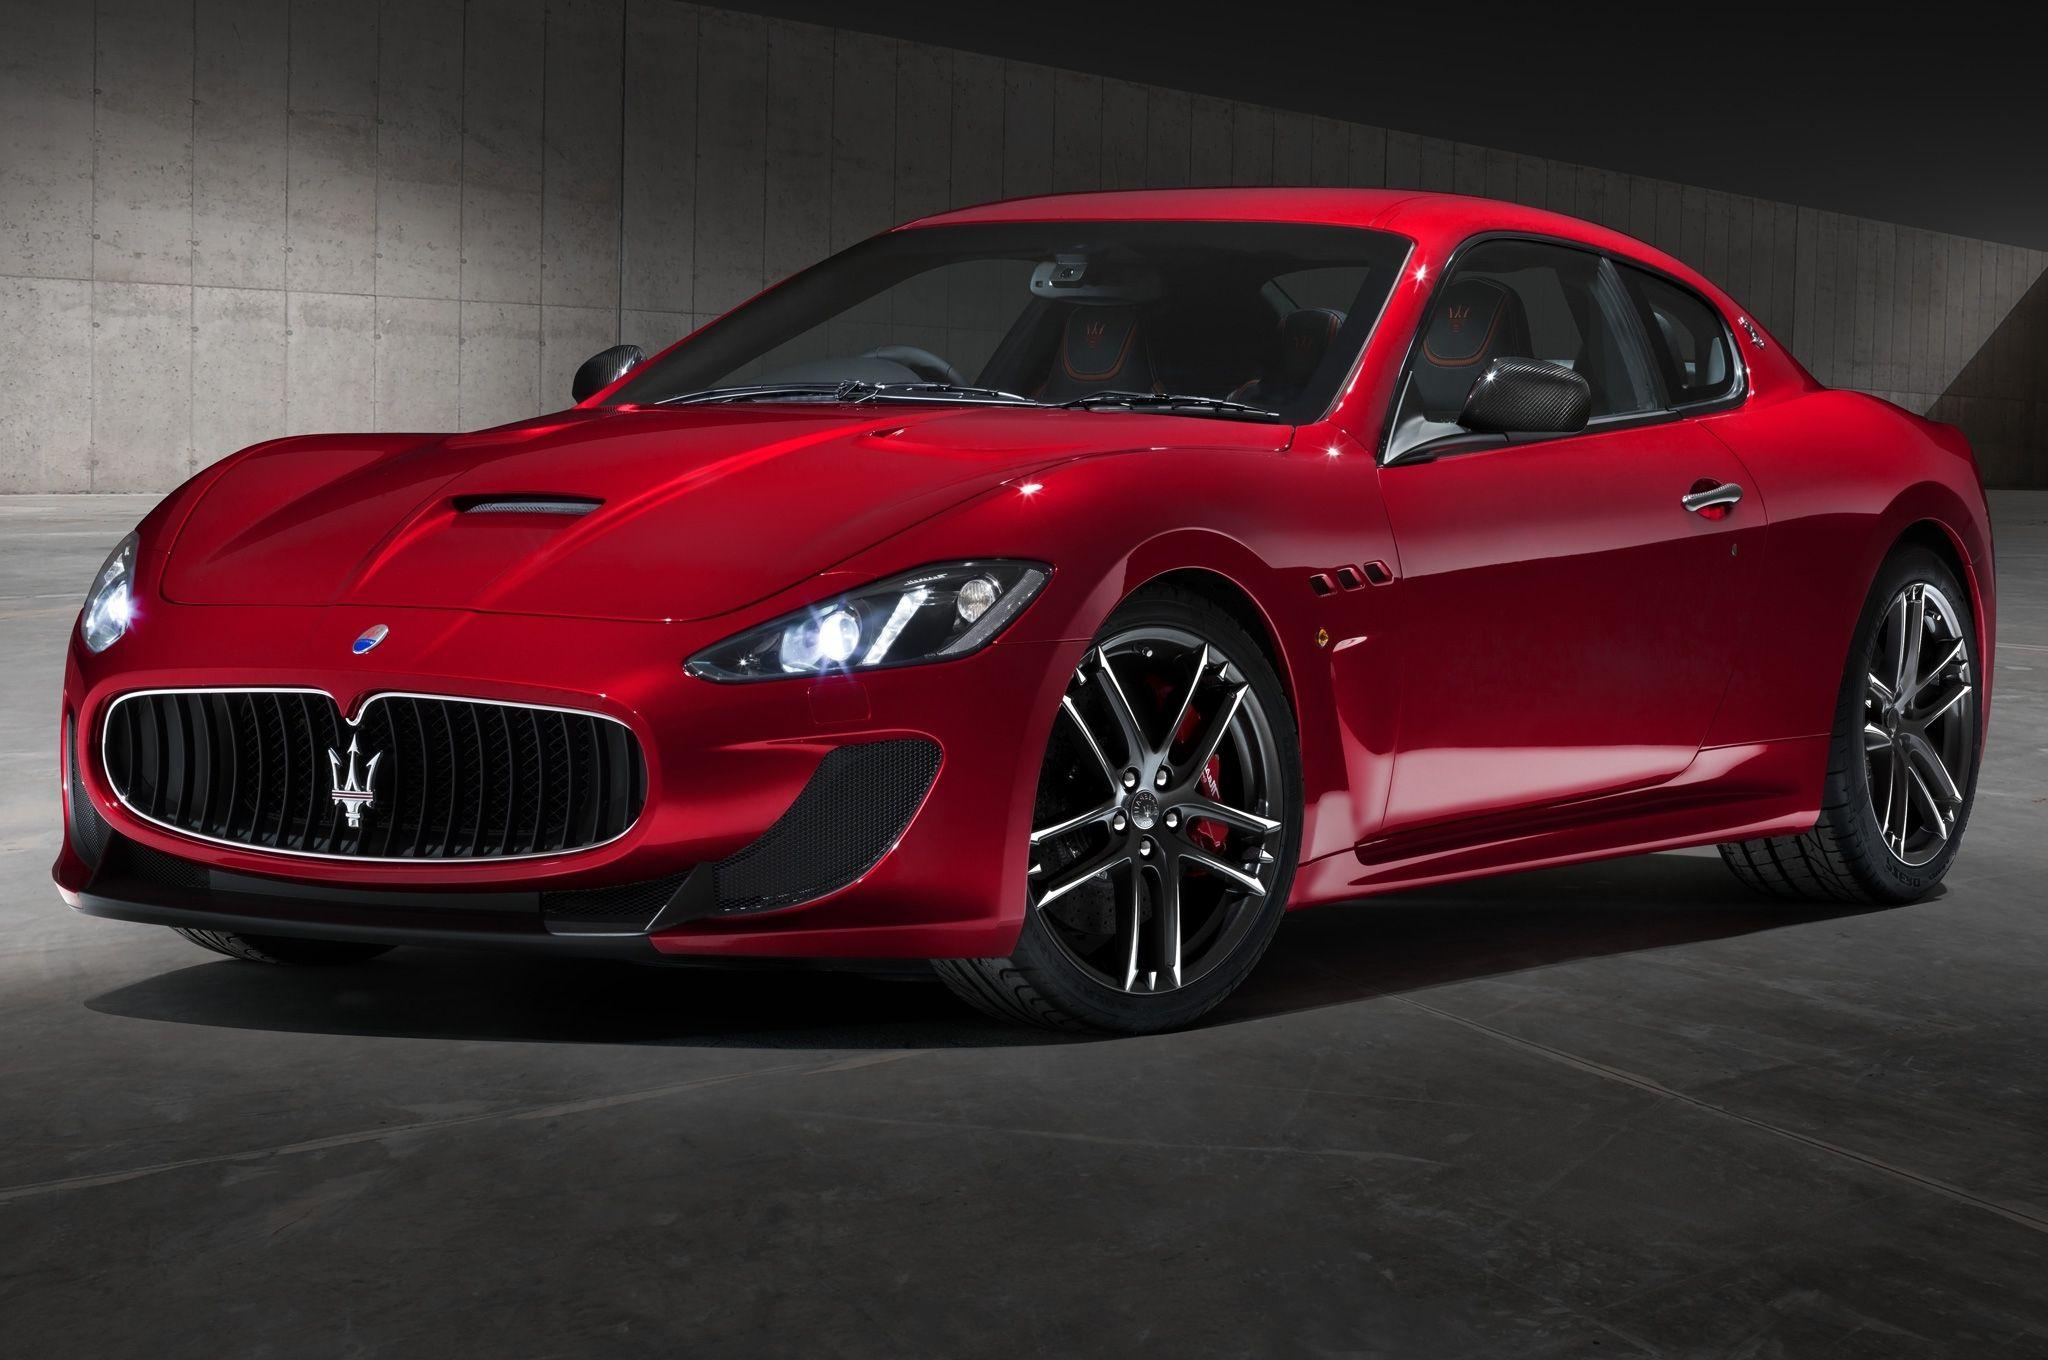 Awesome 2014 Maserati Granturismo Photos Gallery